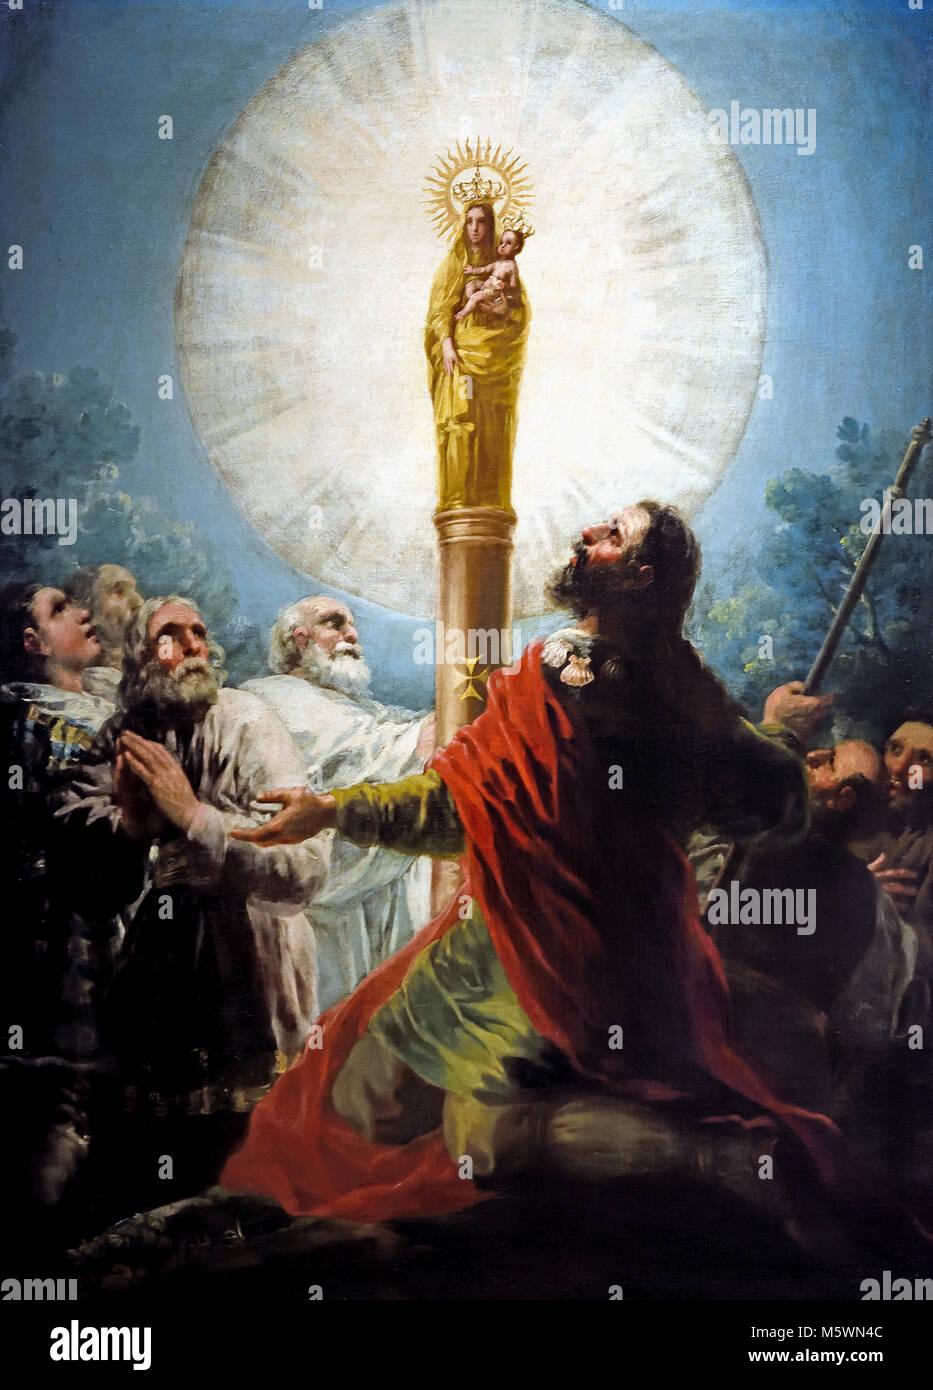 El Apóstol Santiago y sus discípulos adorando a la Virgen del Pilar - The Apostle James and his disciples - Stock Image